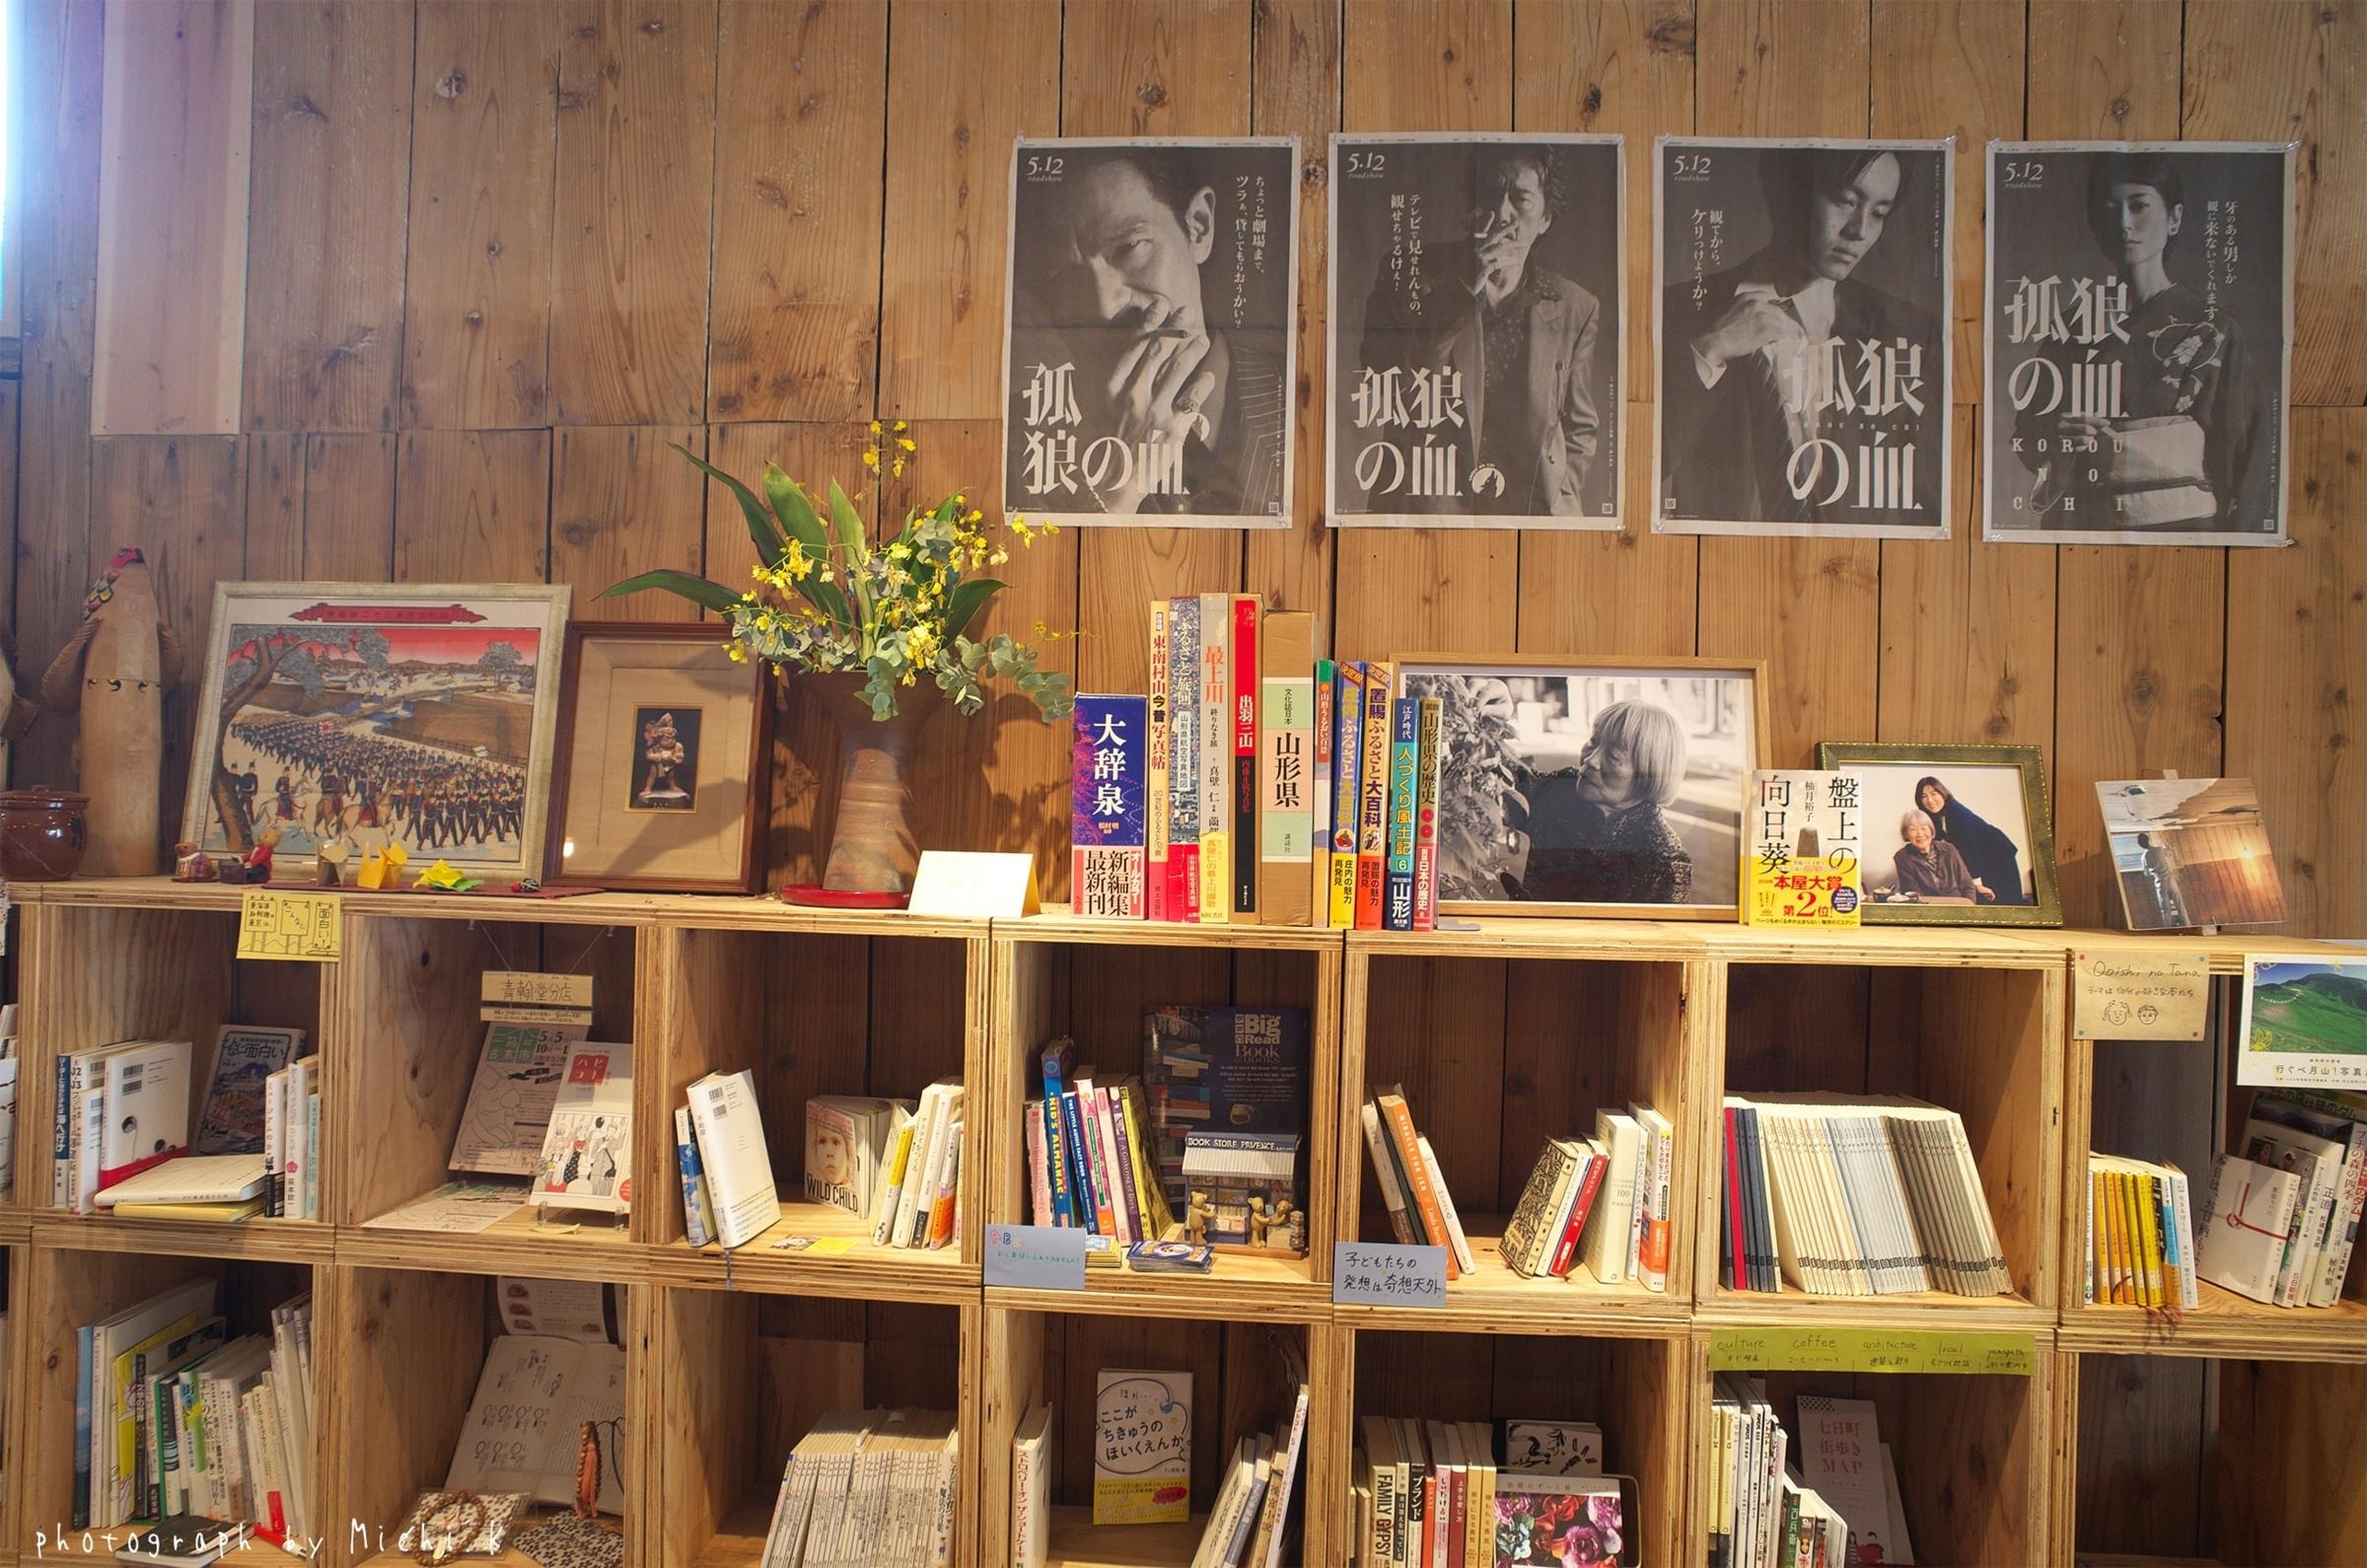 山形市の郁文堂書店、クラウドファンディングで出来た本棚